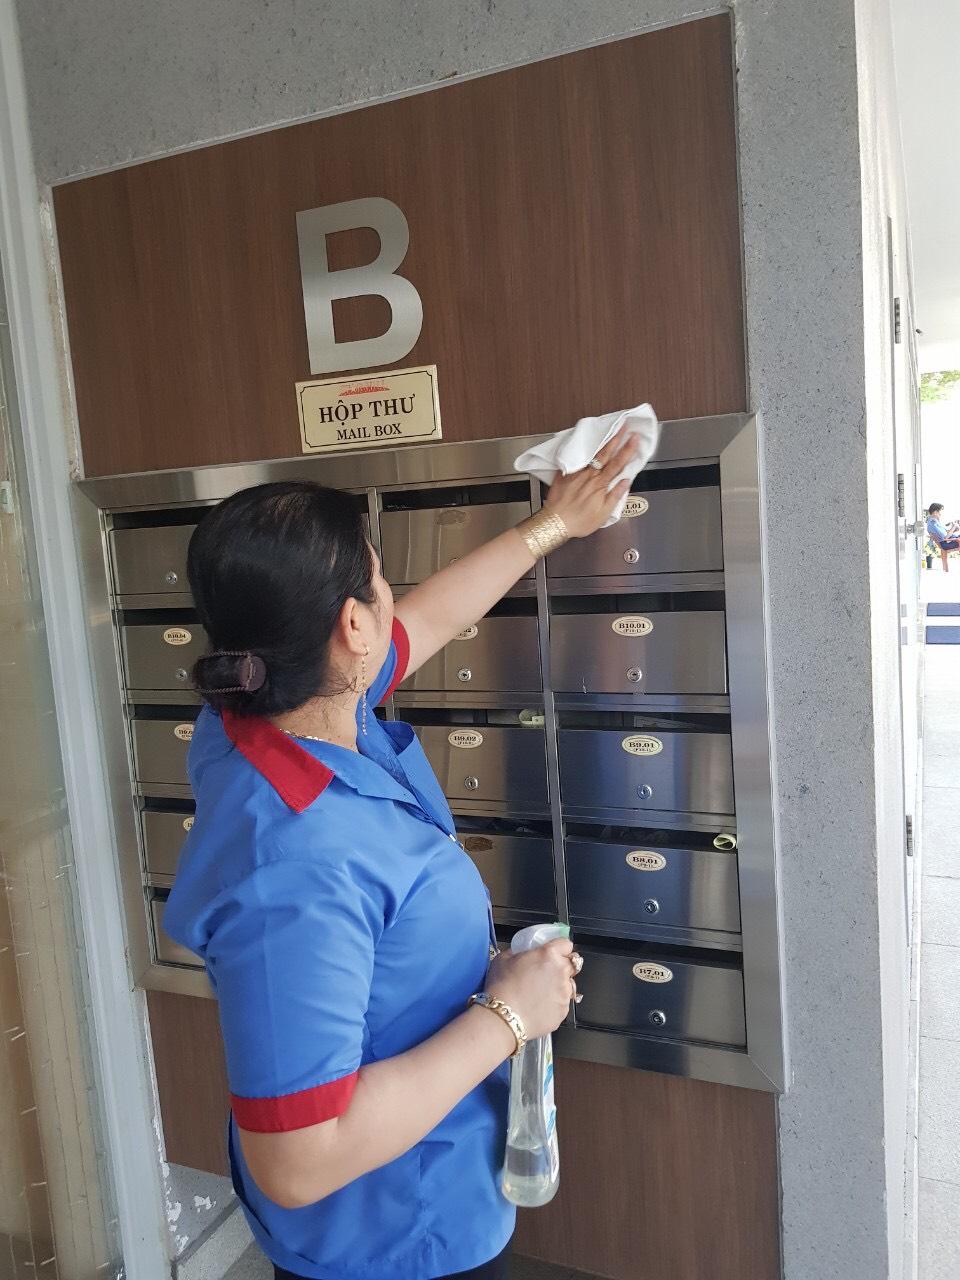 Công tác vệ sinh, khử khuẩn tại các chung cư được triển khai liên tục. Tại chung cư Starhill, công tác này diễn ra mỗi tiếng/ lần